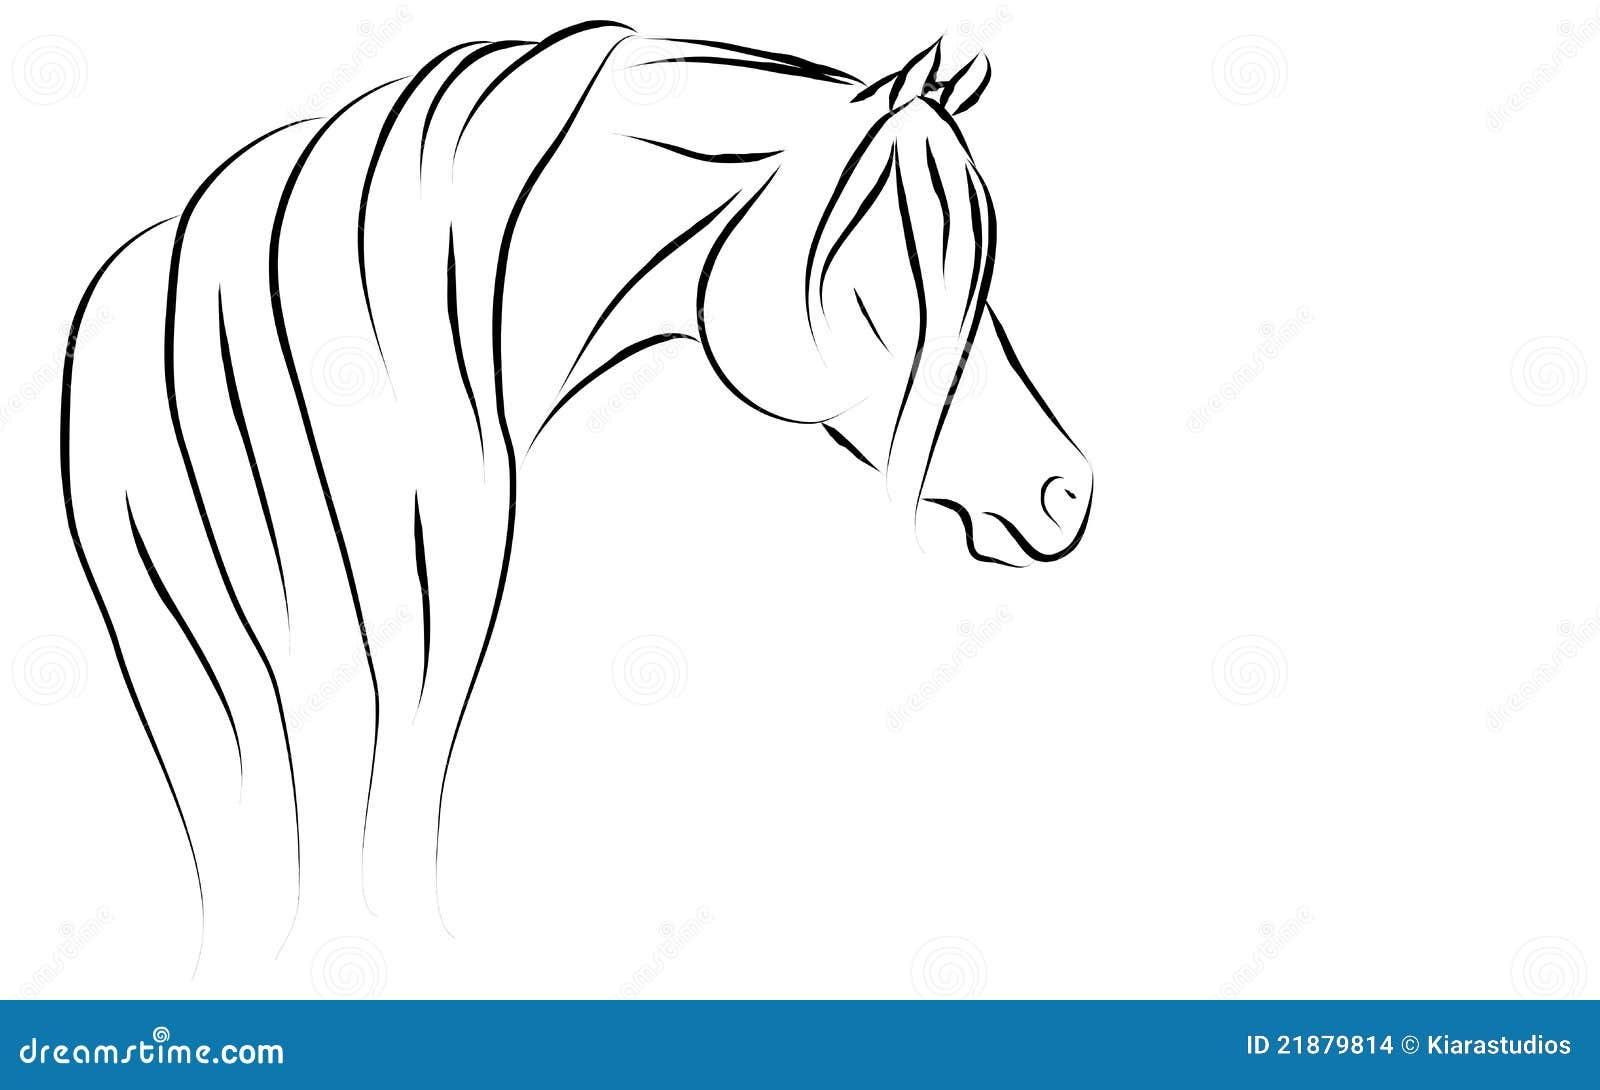 Illustrazione araba stilizzata di vettore immagini stock for Immagini cavalli stilizzati